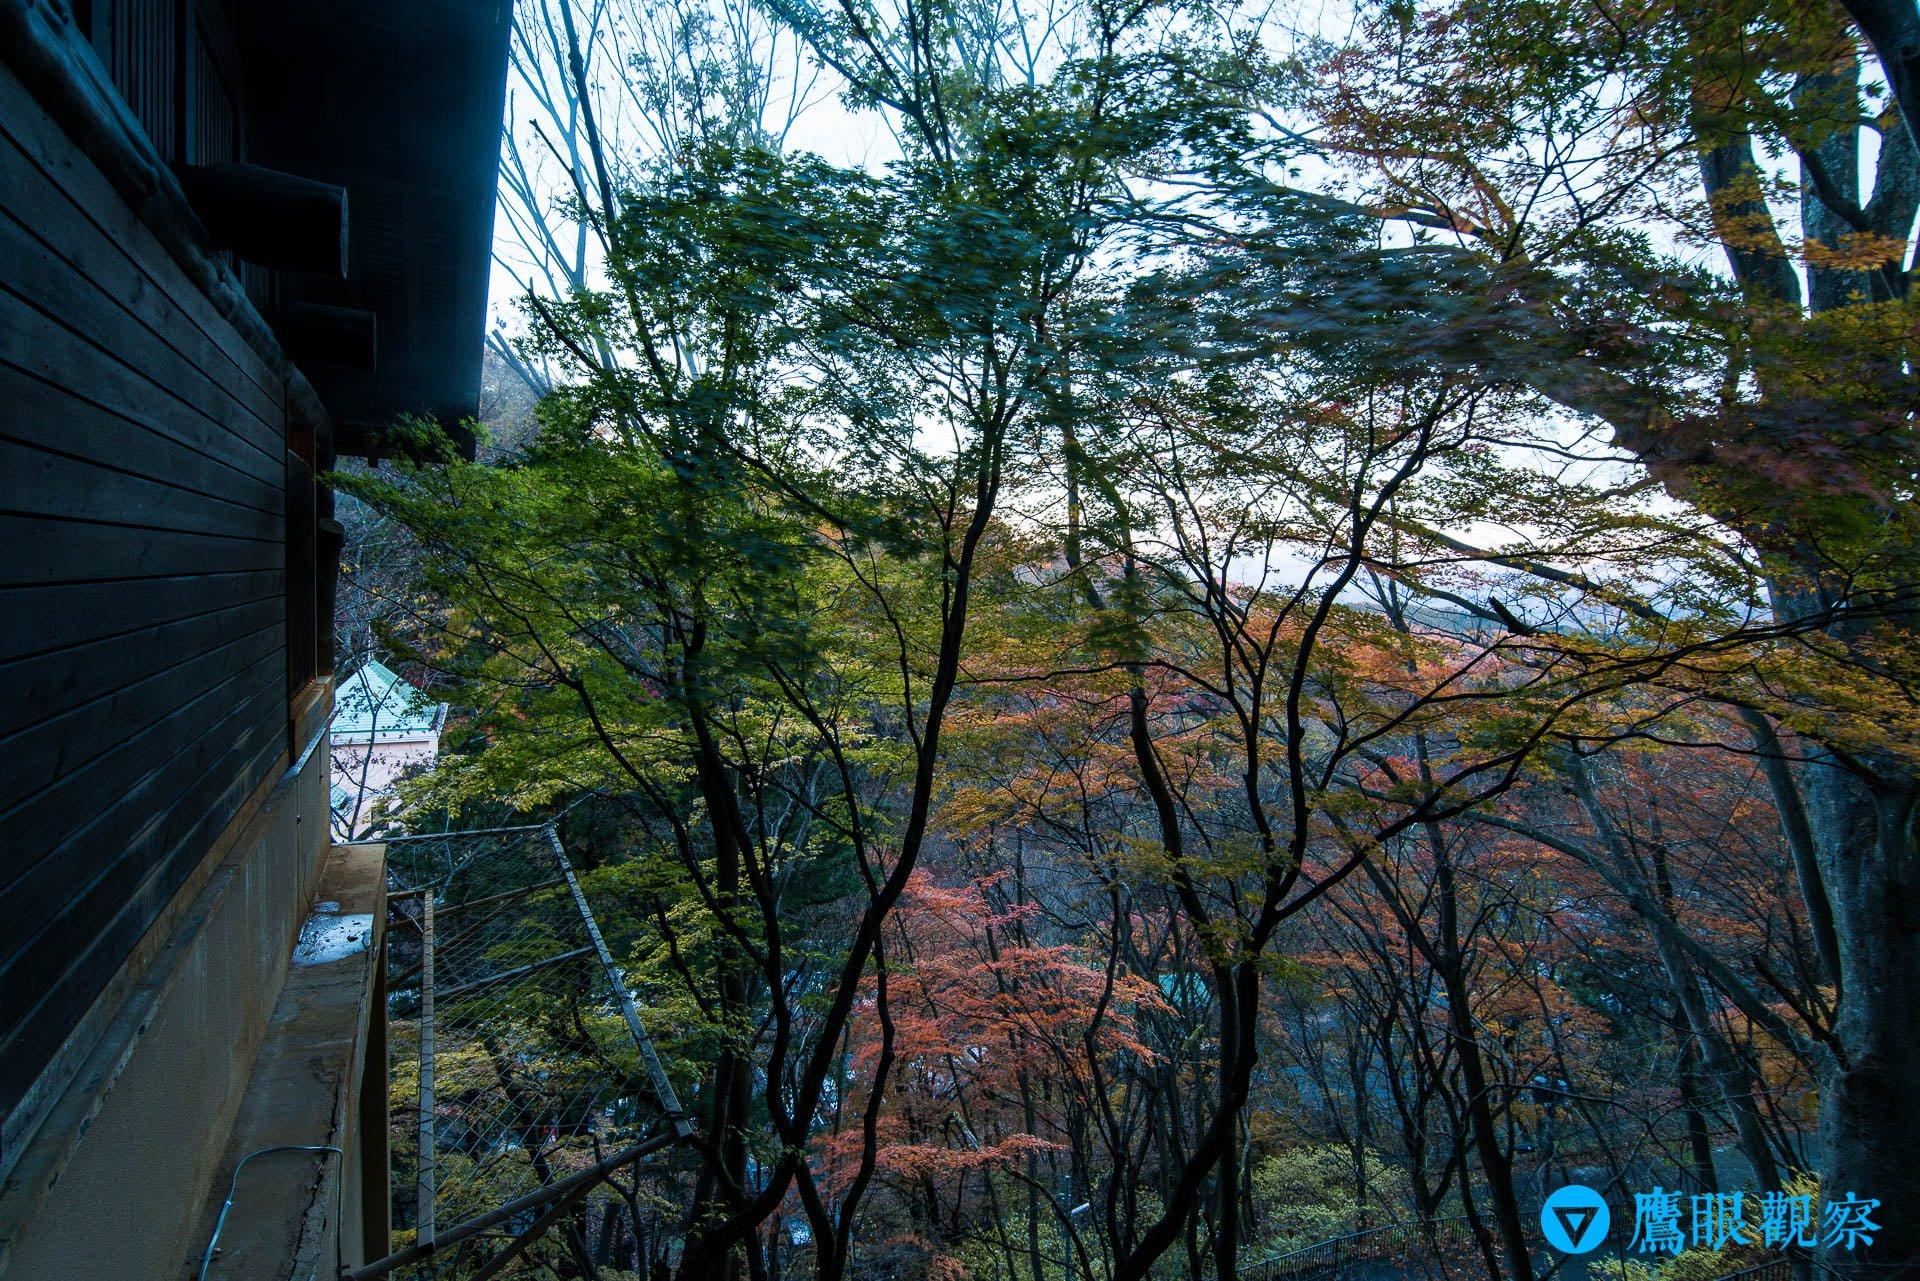 travel Japan gunma kishigon ryokan hotel in izumo spa hot spring 44 群馬縣伊香保溫泉「岸權旅館」日本旅館住宿推薦